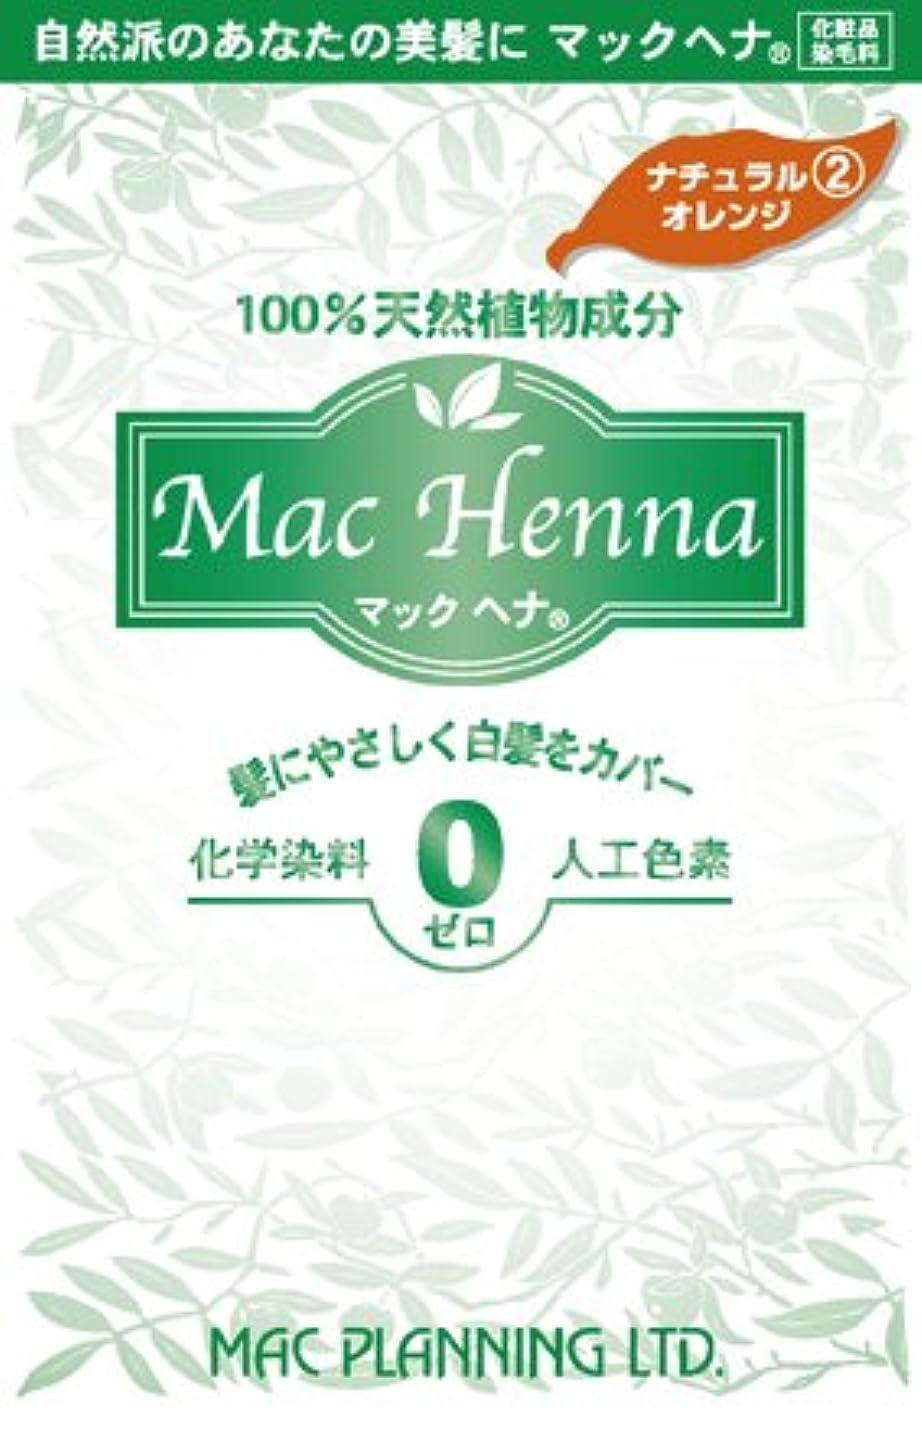 そこ傀儡フォアマン天然植物原料100% 無添加 マックヘナ(ナチュラルオレンジ)‐2 100g 6箱セット